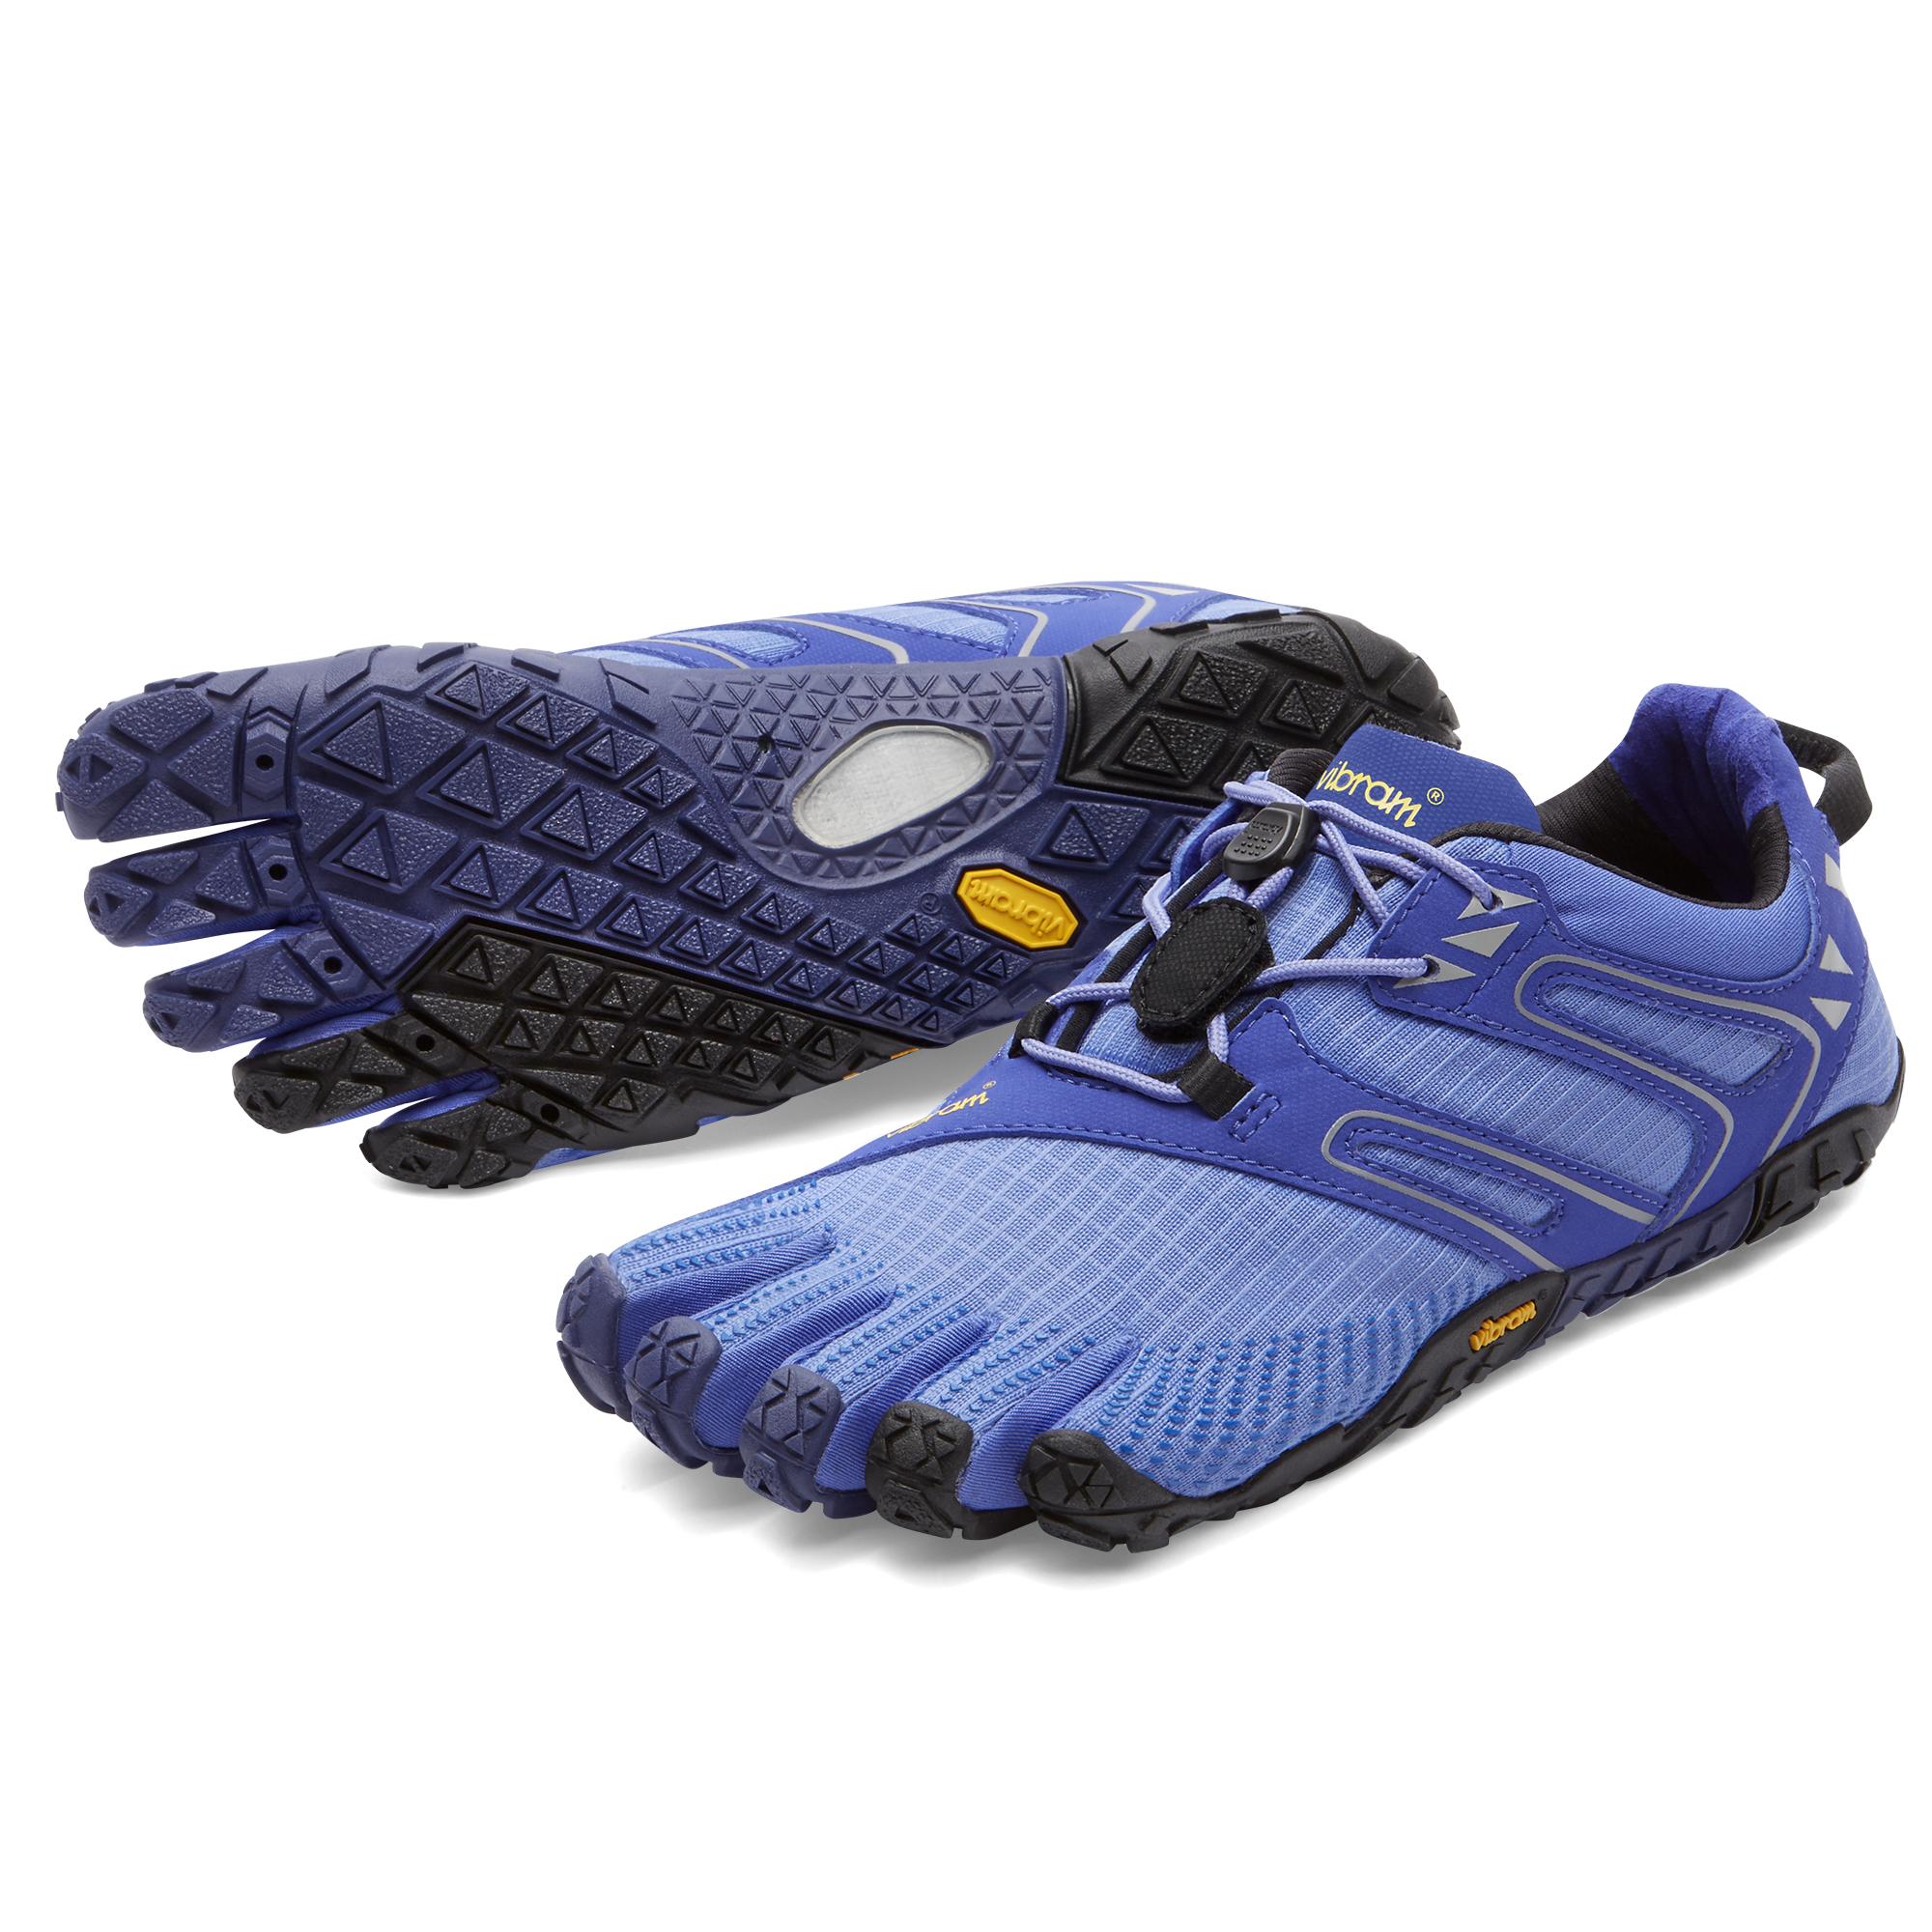 40 EU Vibram Five Fingers Damen V-trail Traillaufschuhe gelb